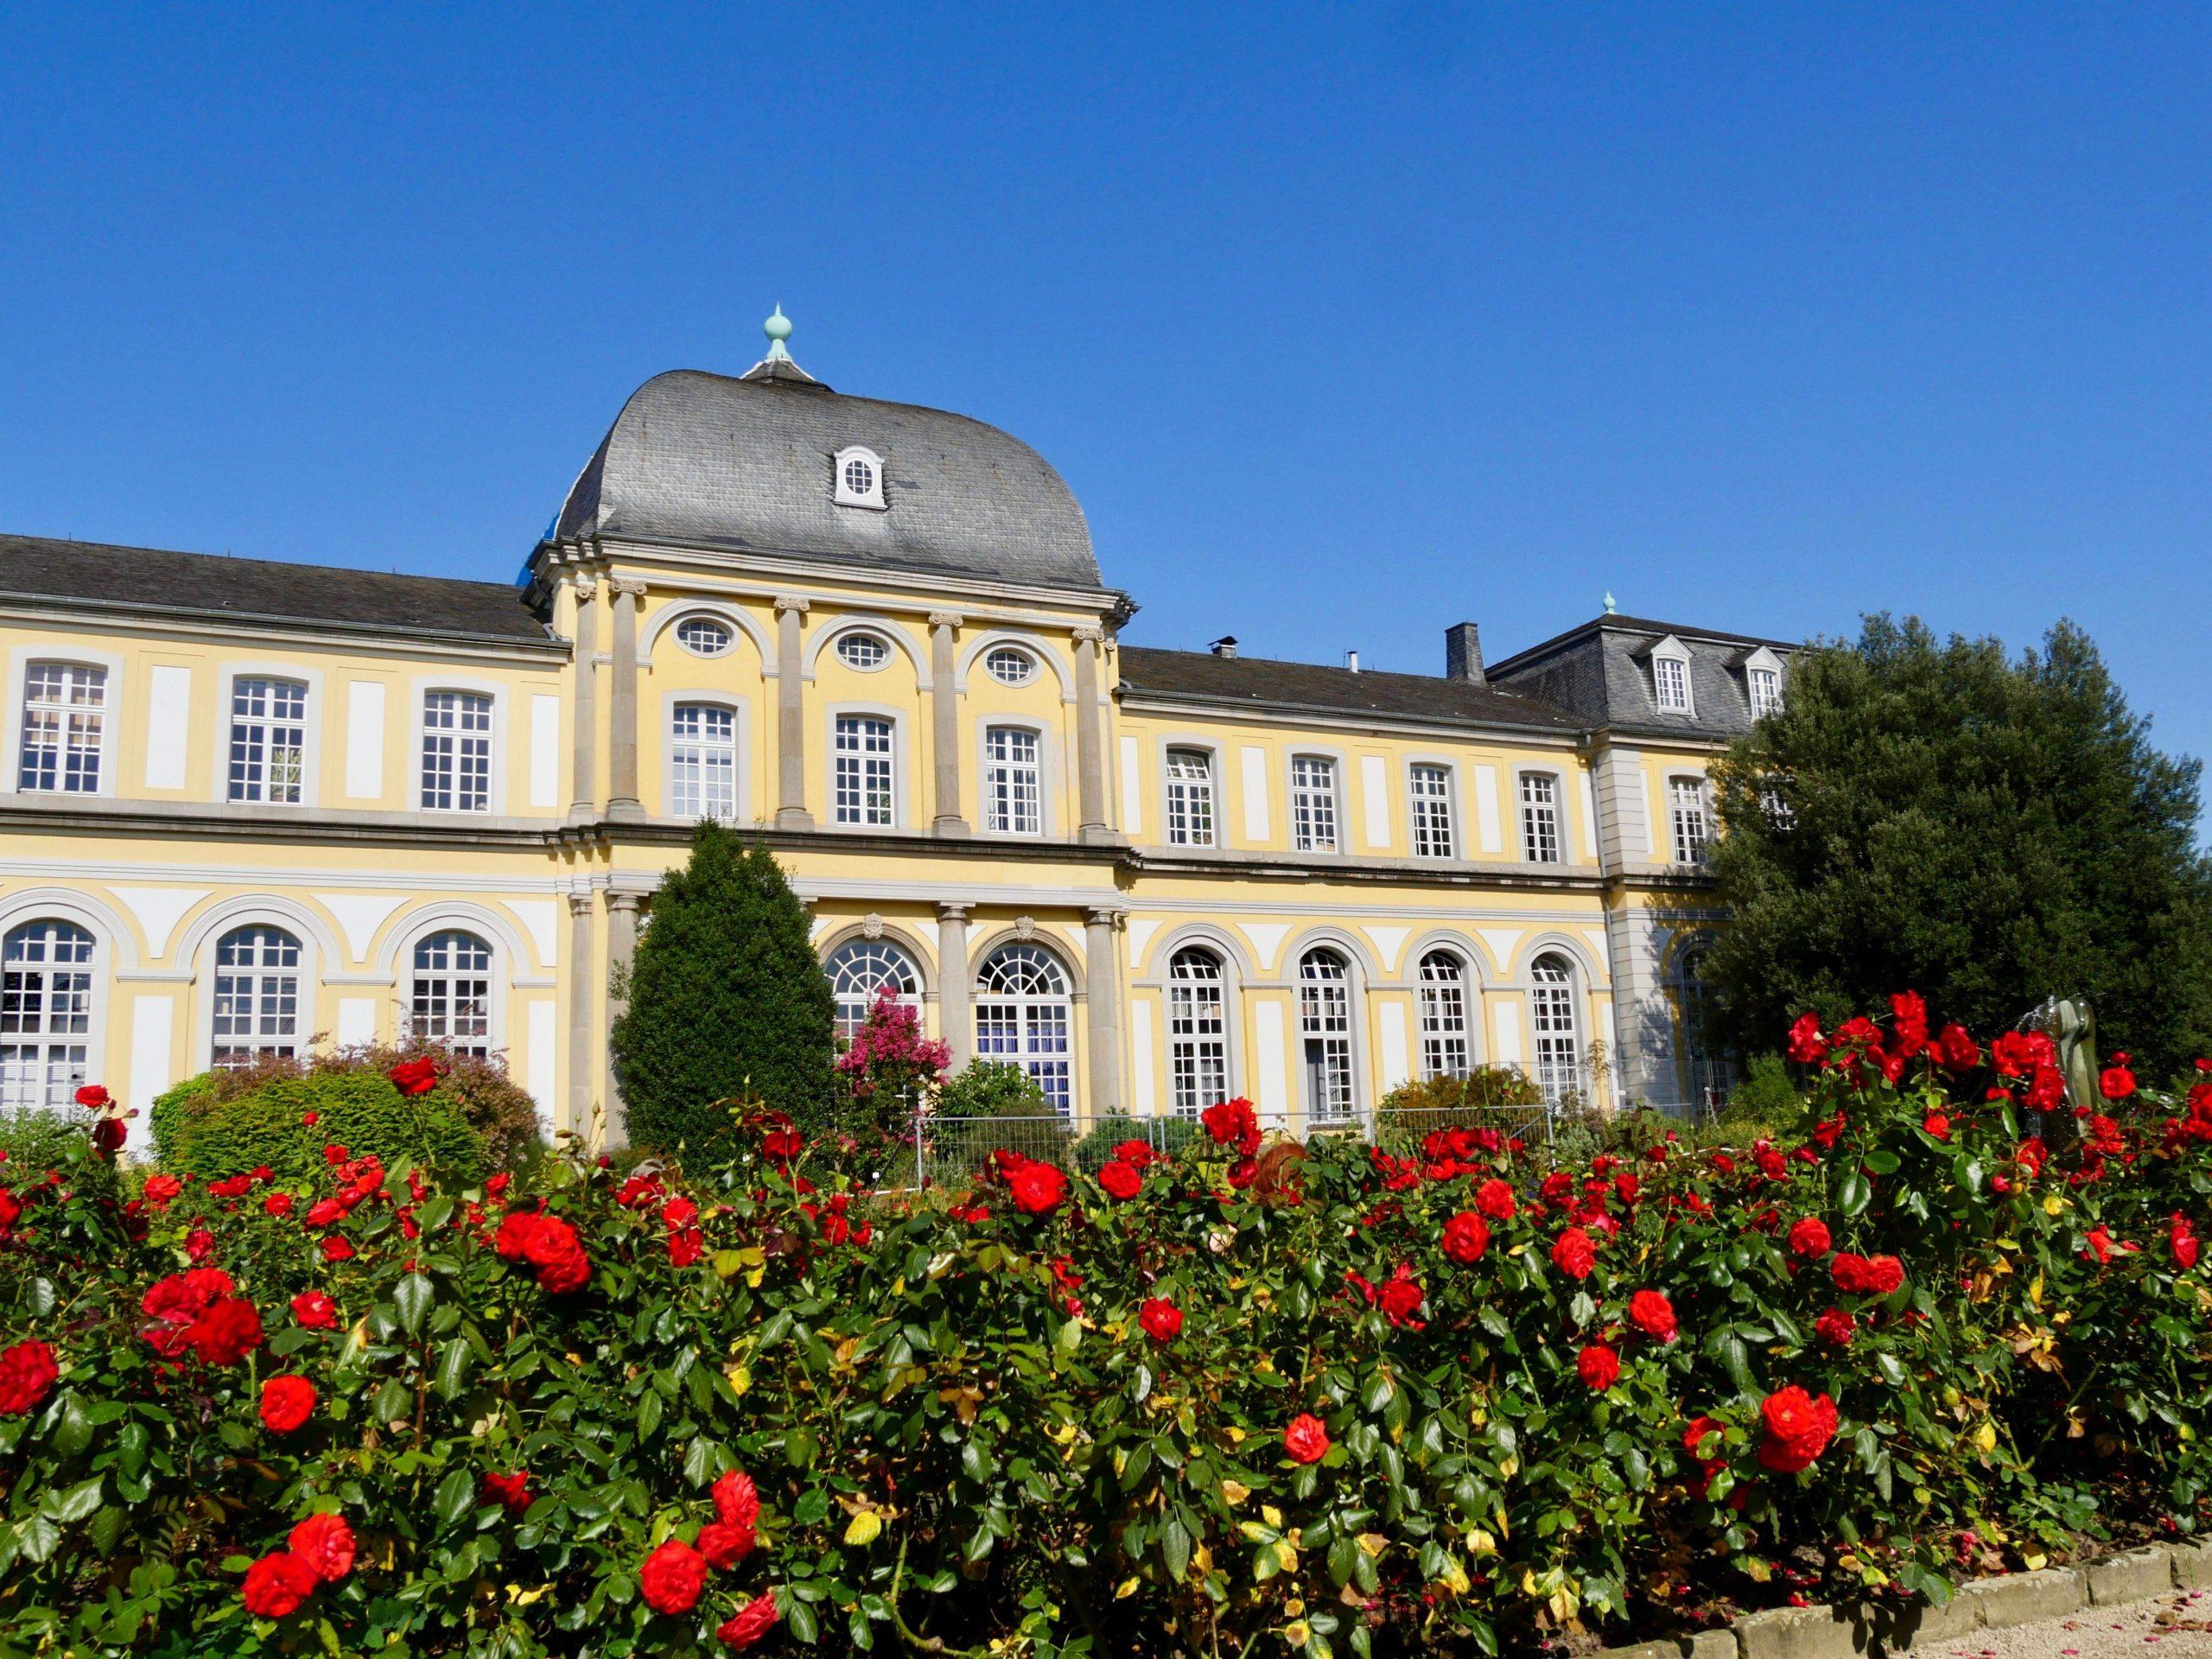 Botanischer Garten Bonn Frisch Botanischer Garten Bonn Poppelsdorfer Schloss